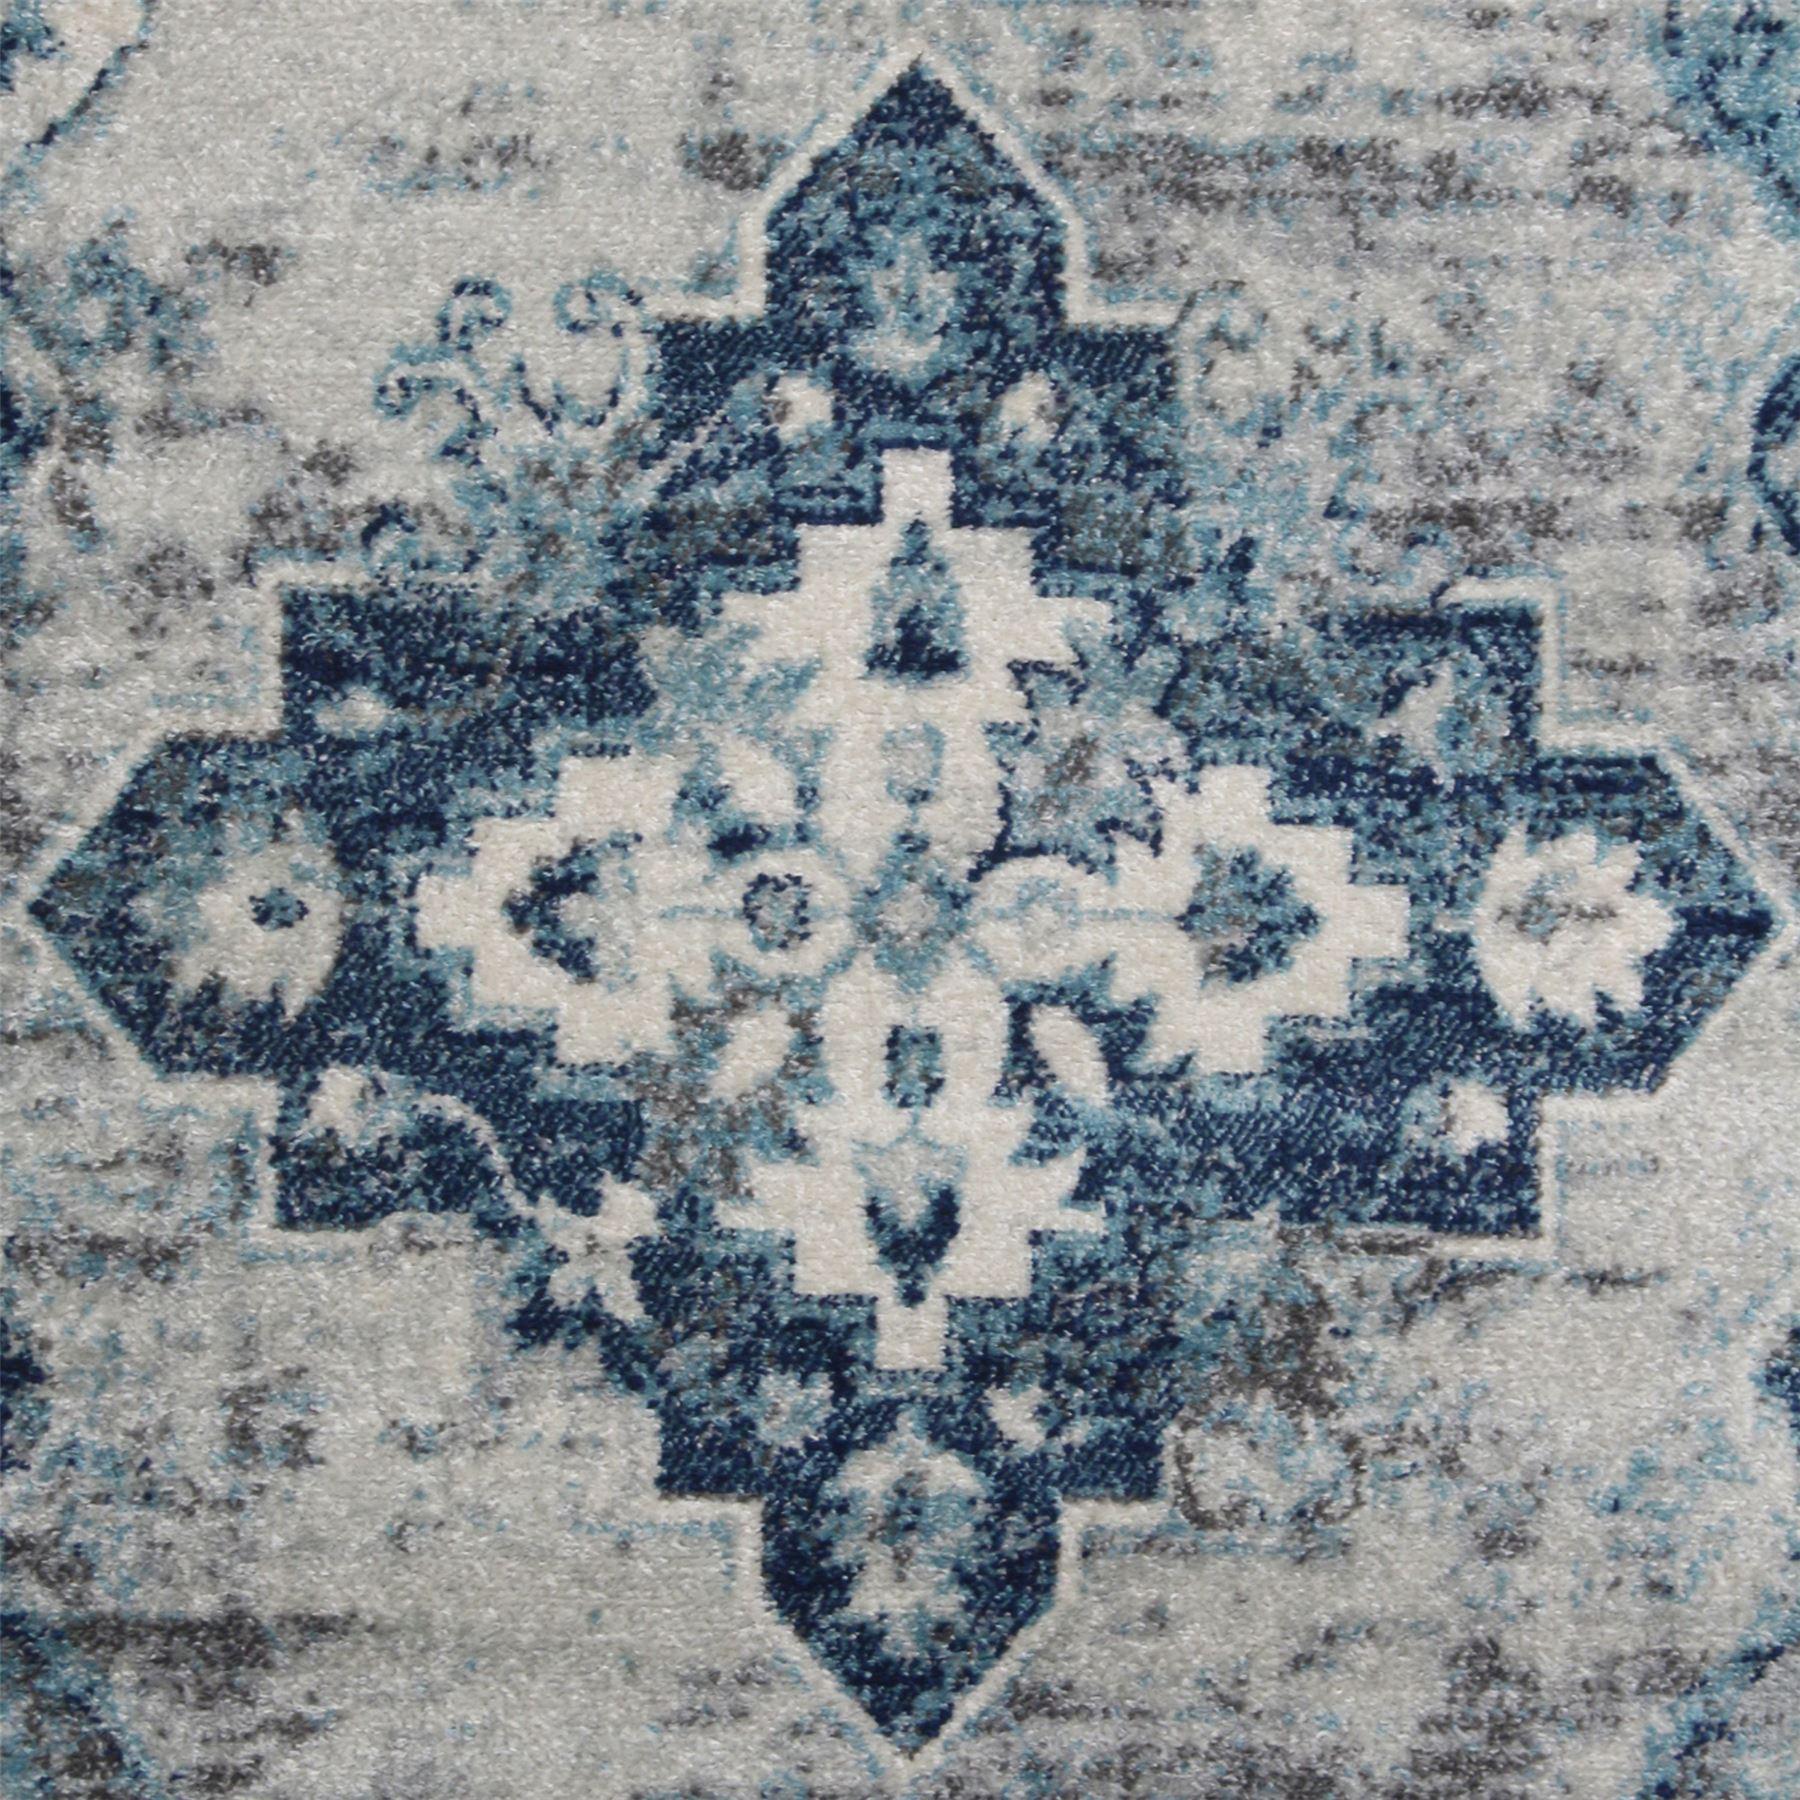 A2Z-Grigio-Grande-Avorio-TAPPETI-Tradizionale-Persiano-Design-Vintage-Casa-Pavimento-Tappeti miniatura 8